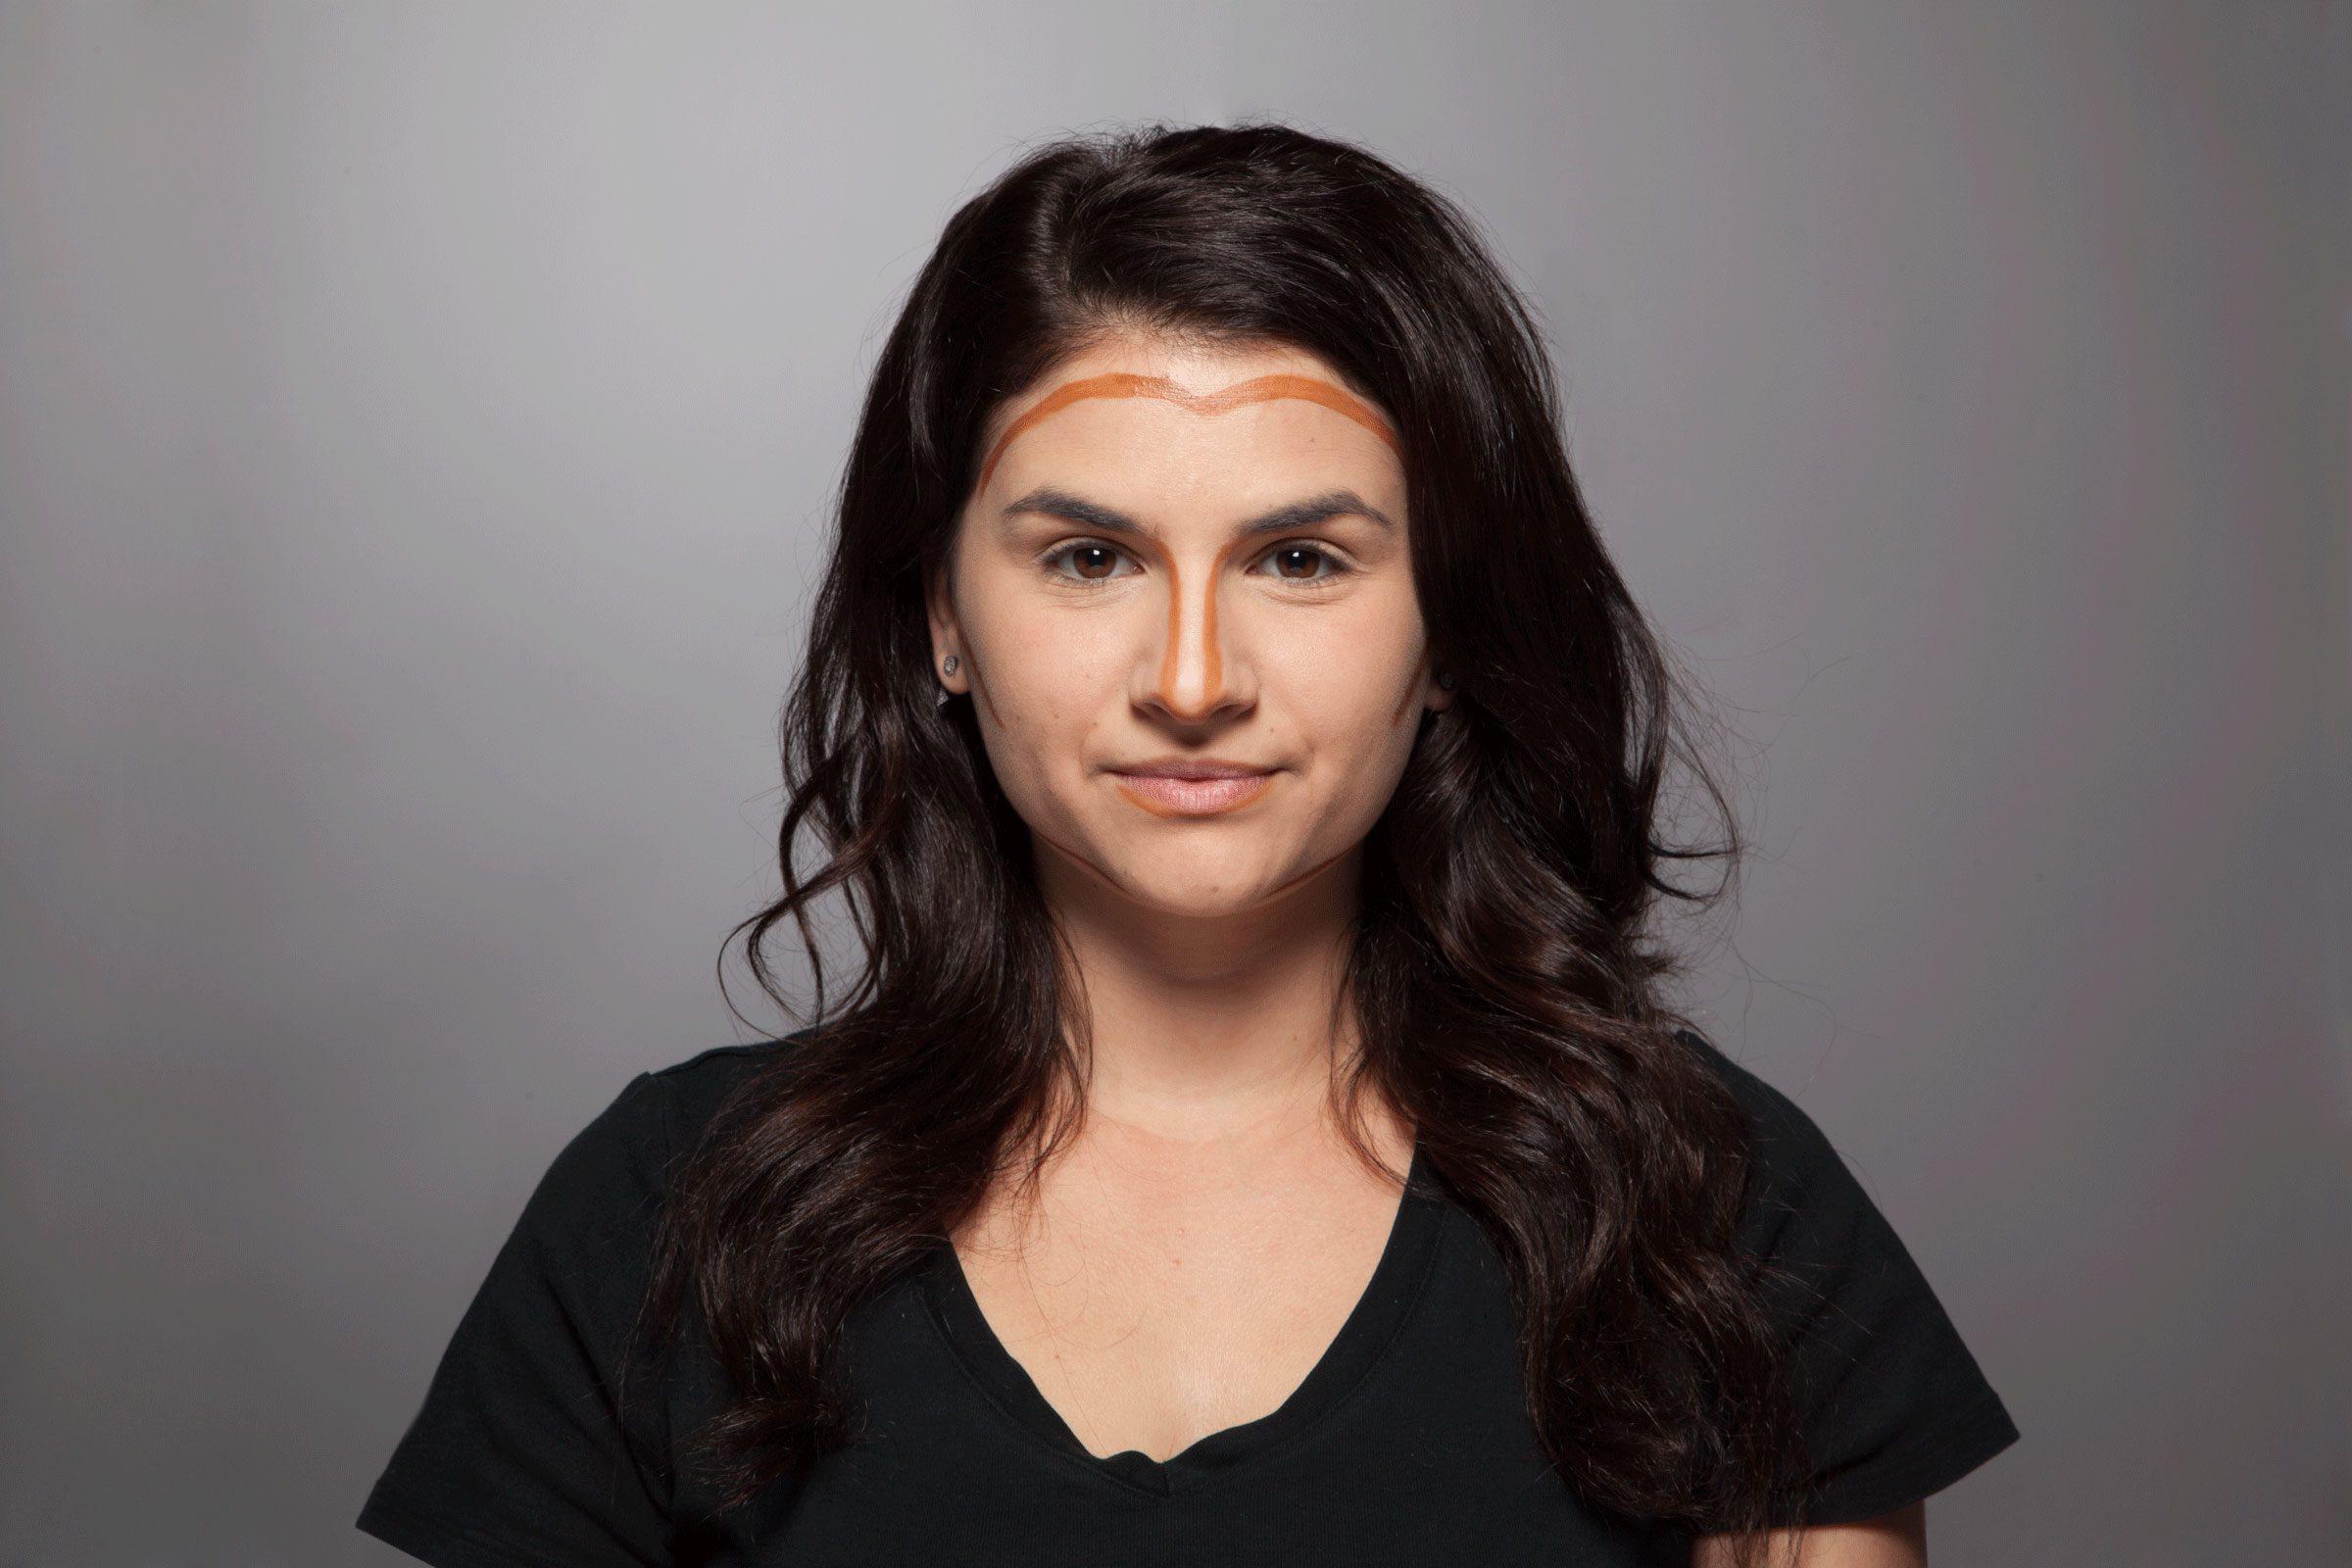 Trucs maquillage pour paraître plus mince: Utilisez un contour.